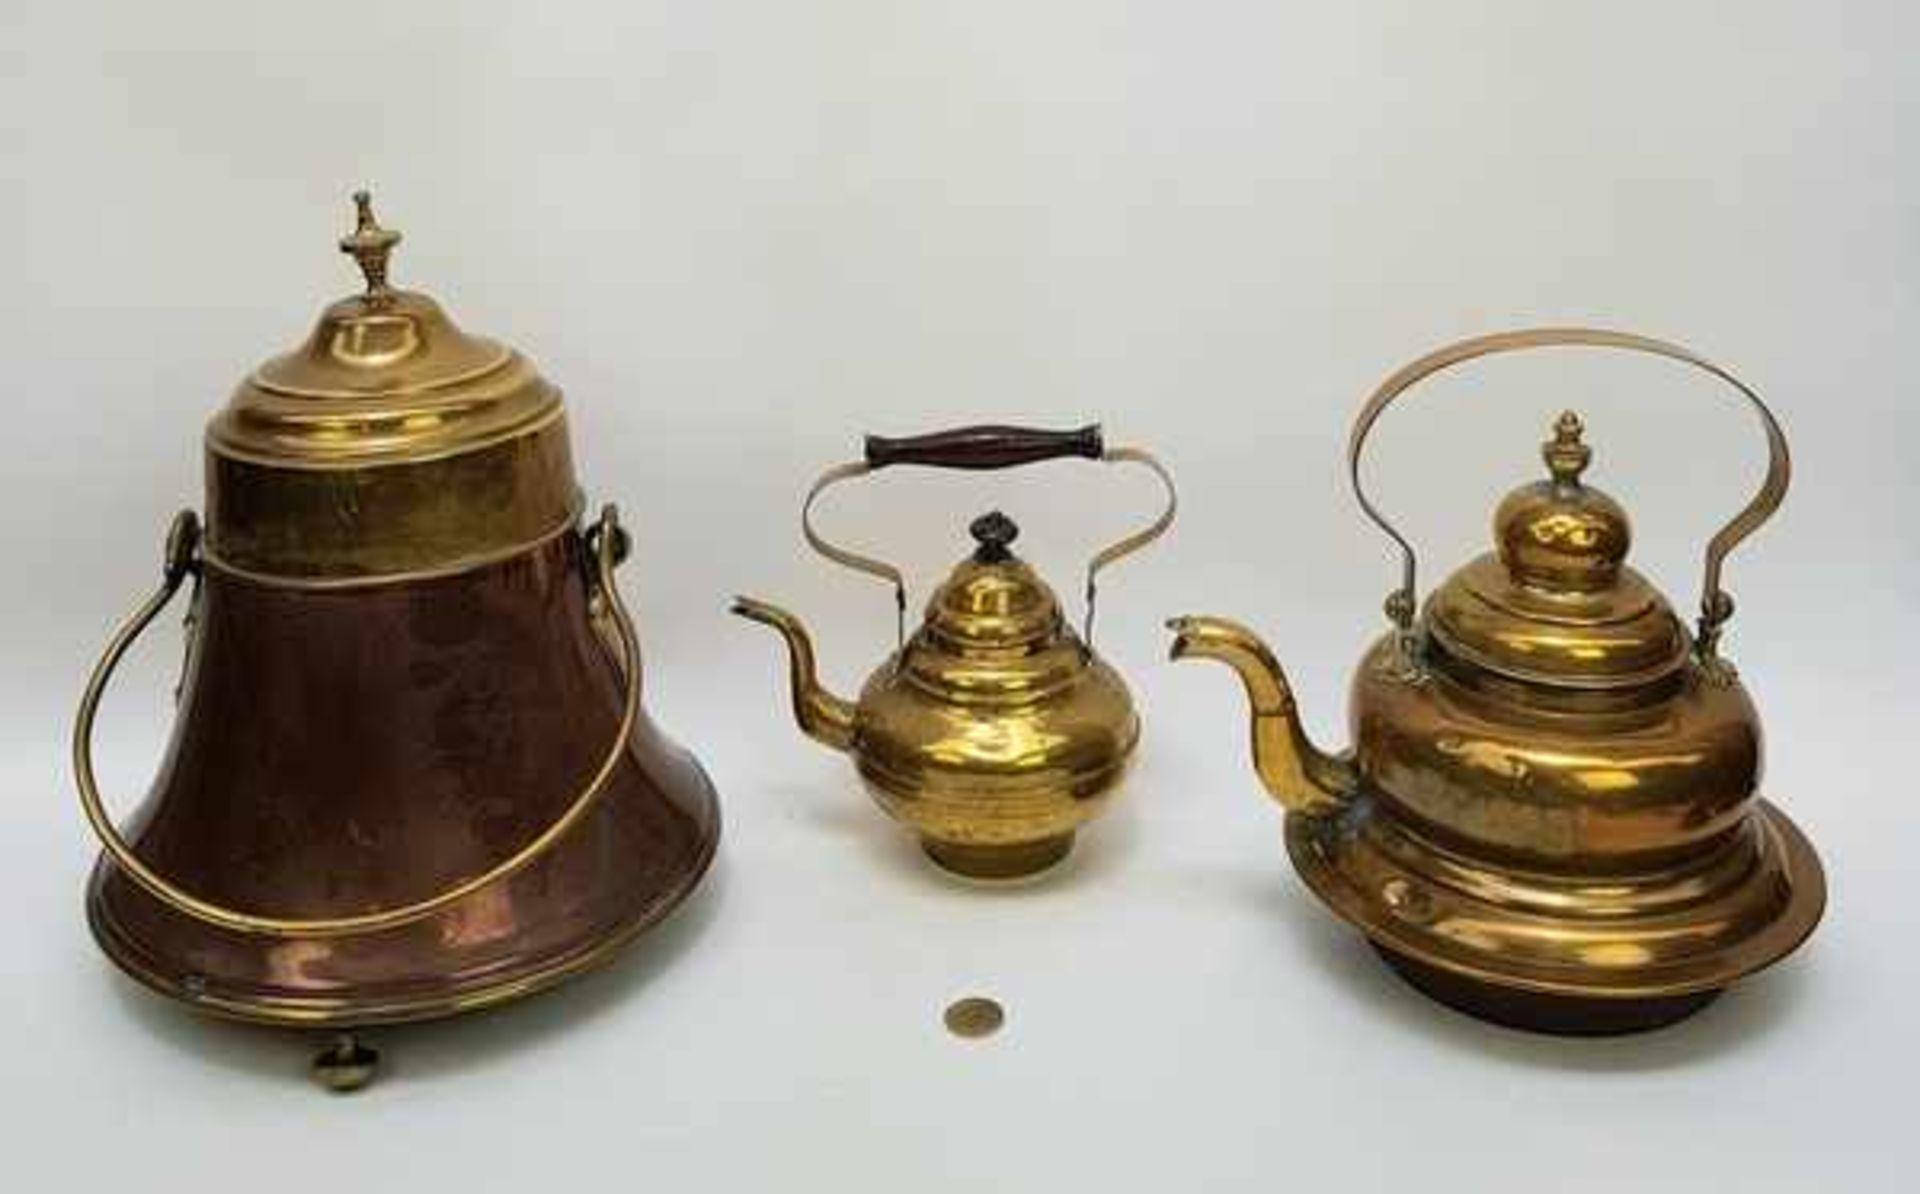 (Antiek) Koperen ketels en doofpot - Bild 3 aus 7